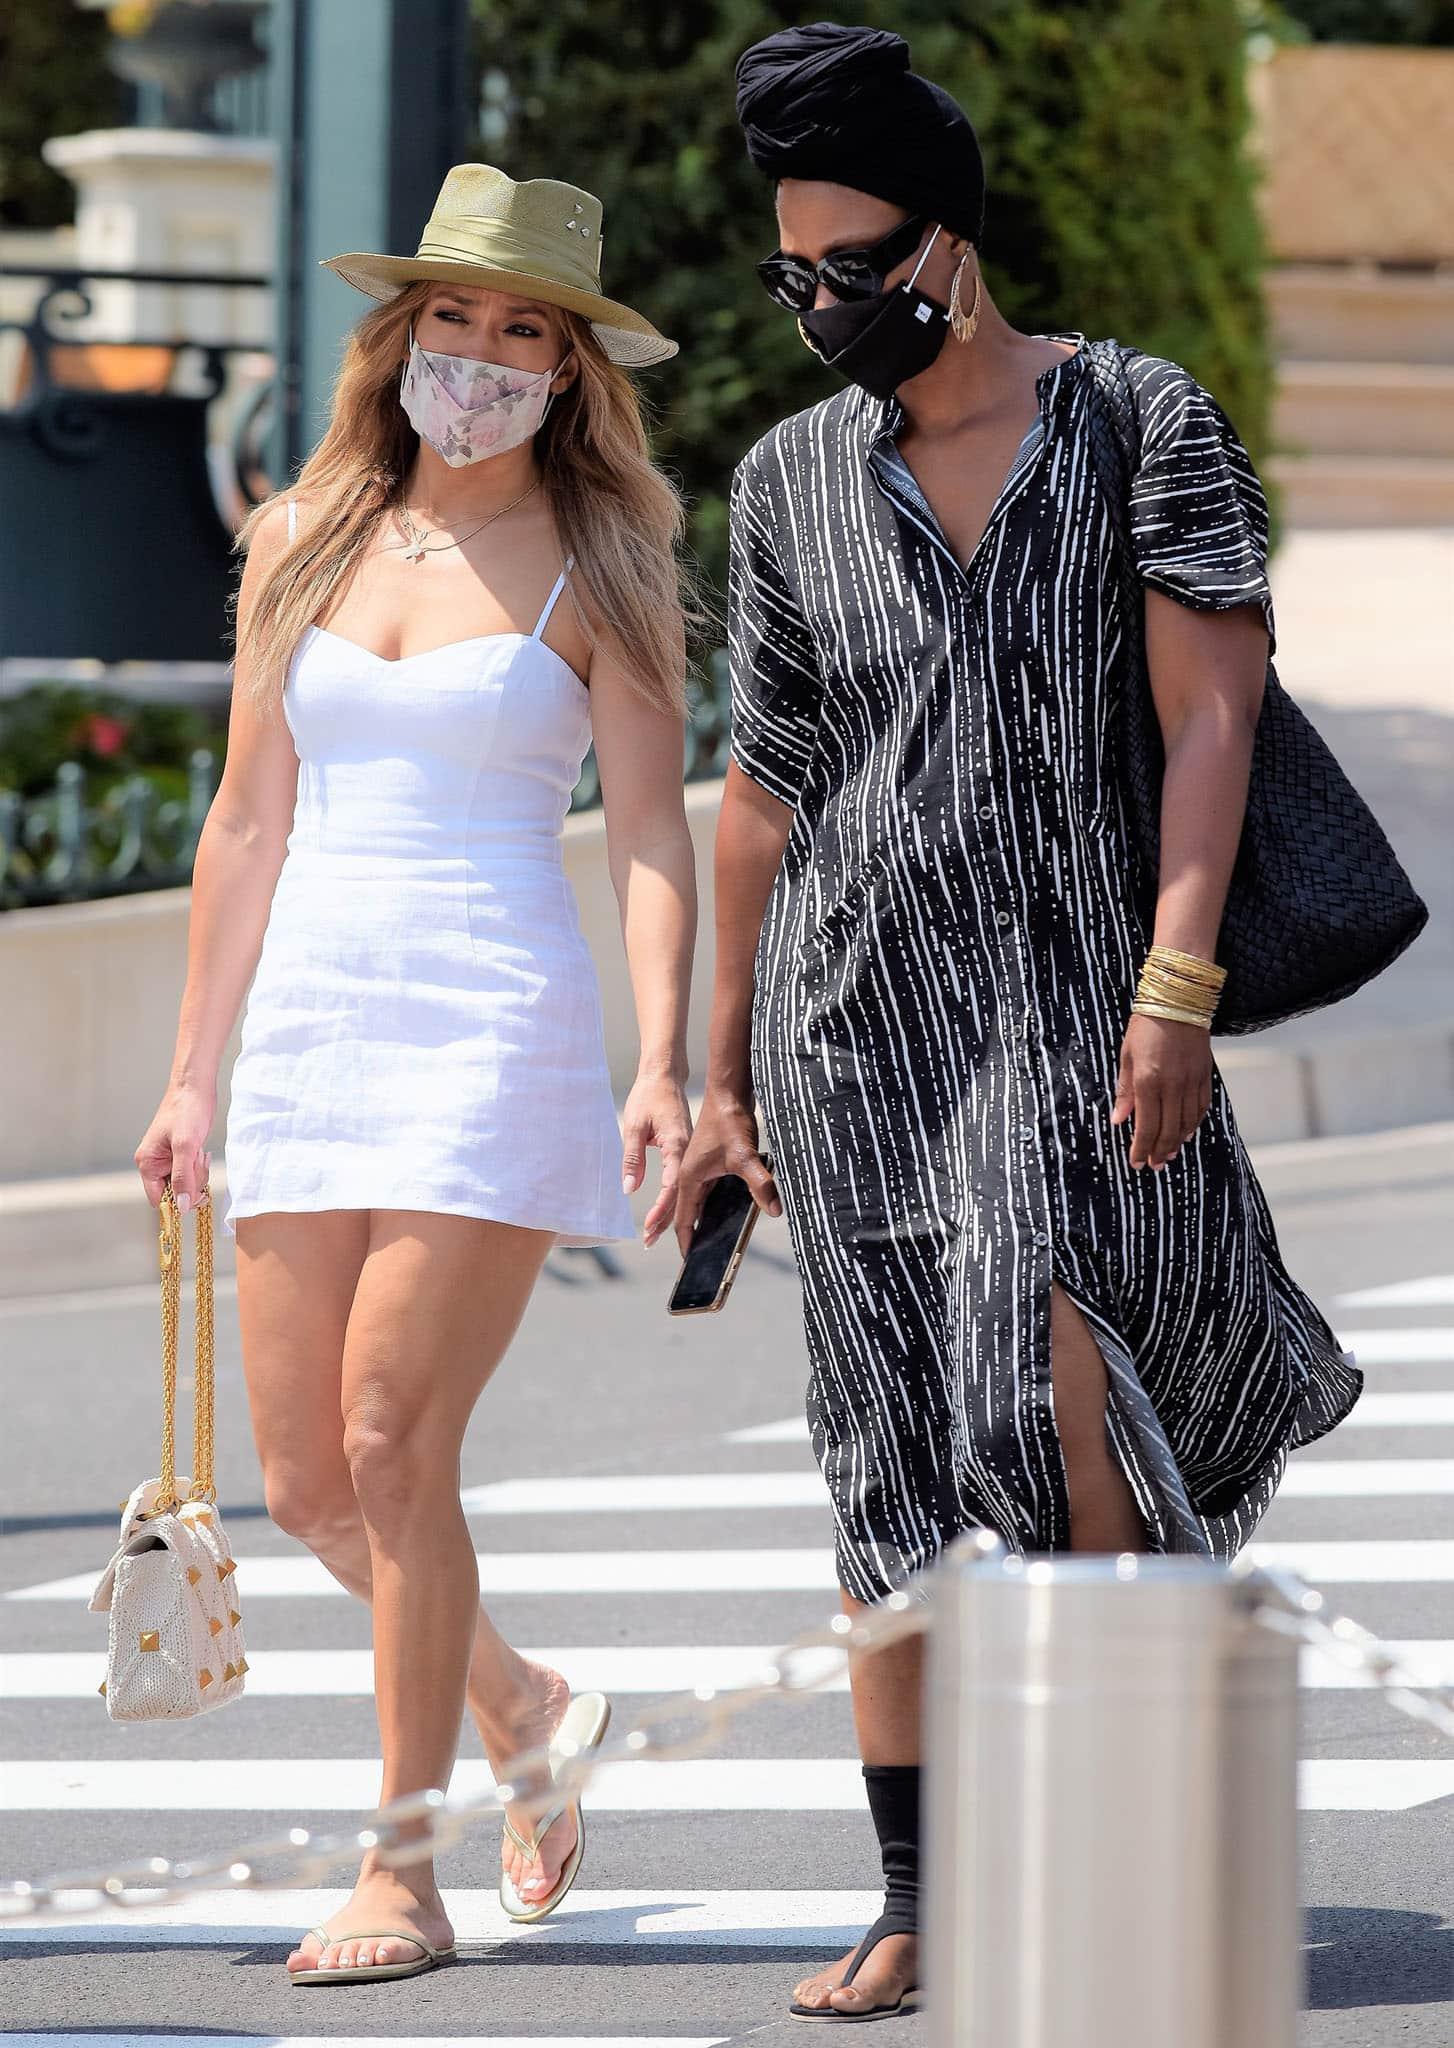 Jennifer Lopez goes shopping with a friend in Monaco on July 26, 2021